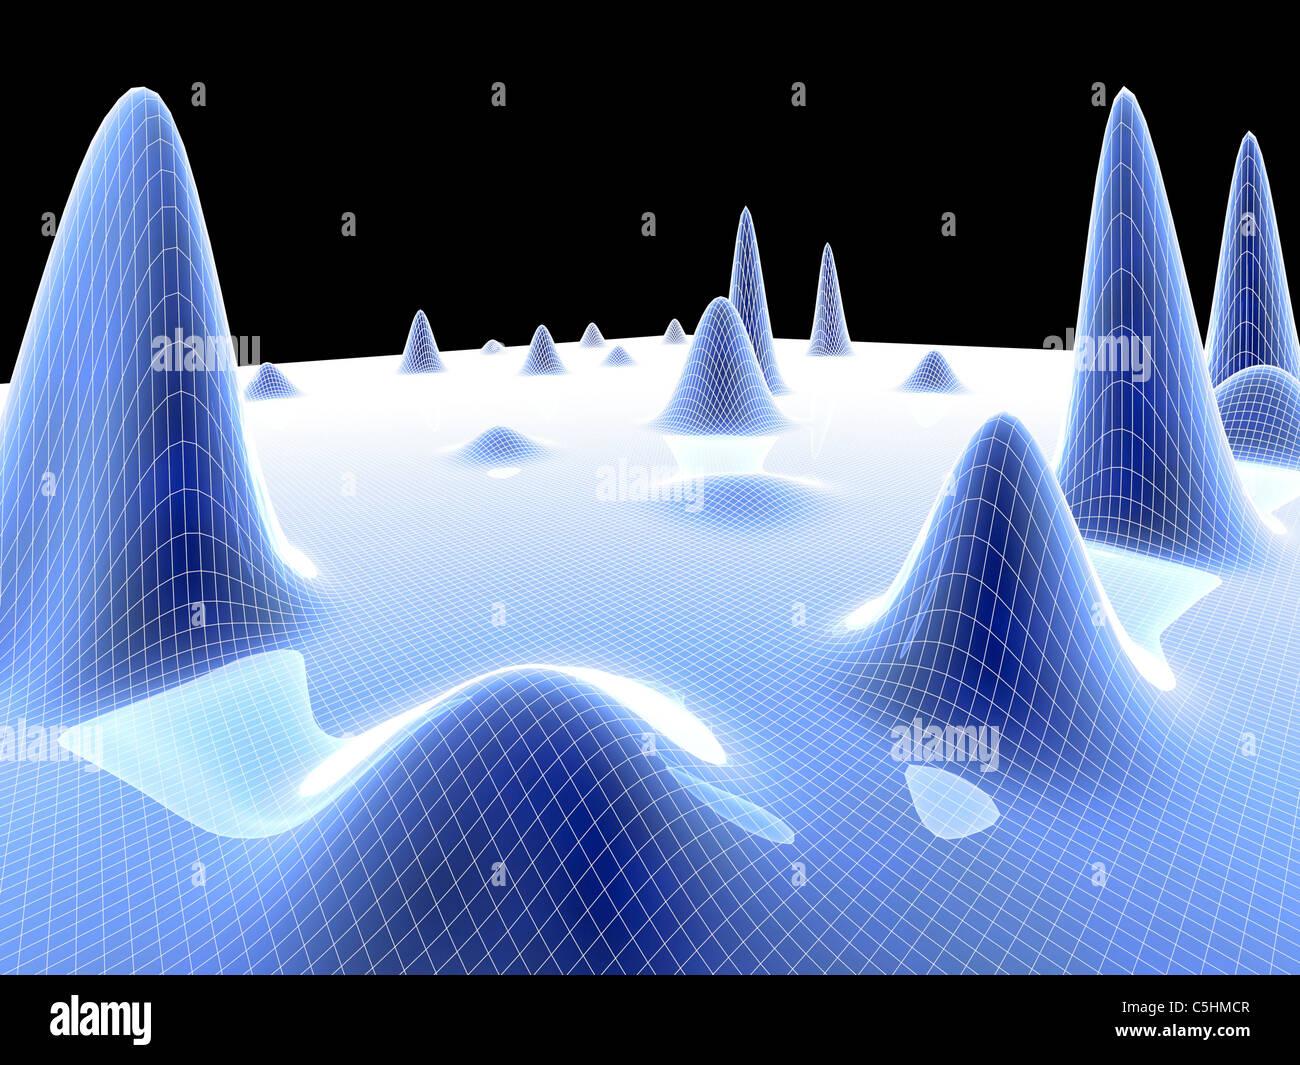 Graphique de surface 3D Photo Stock